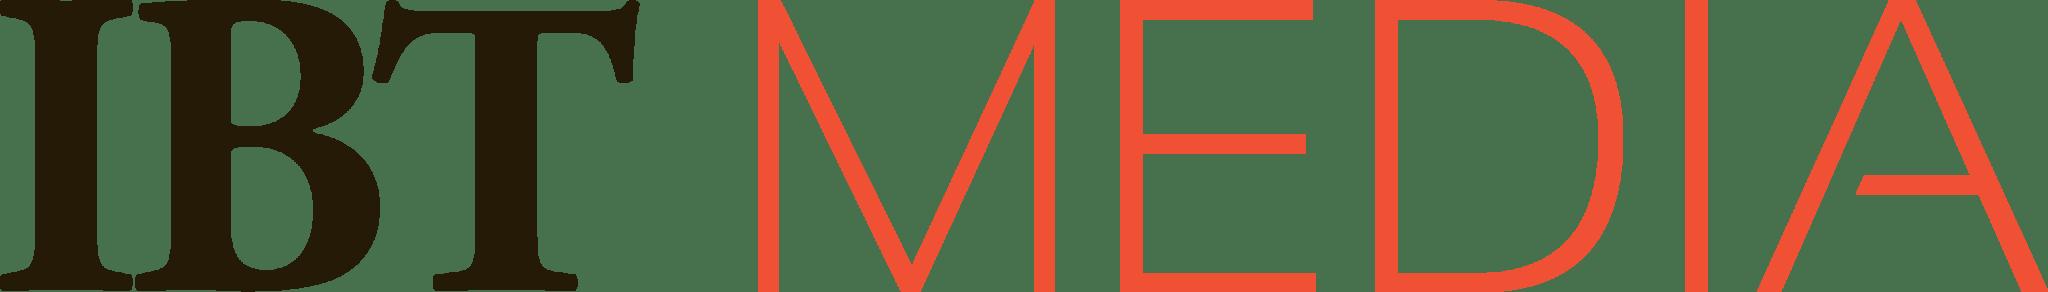 IBT-Media-logo